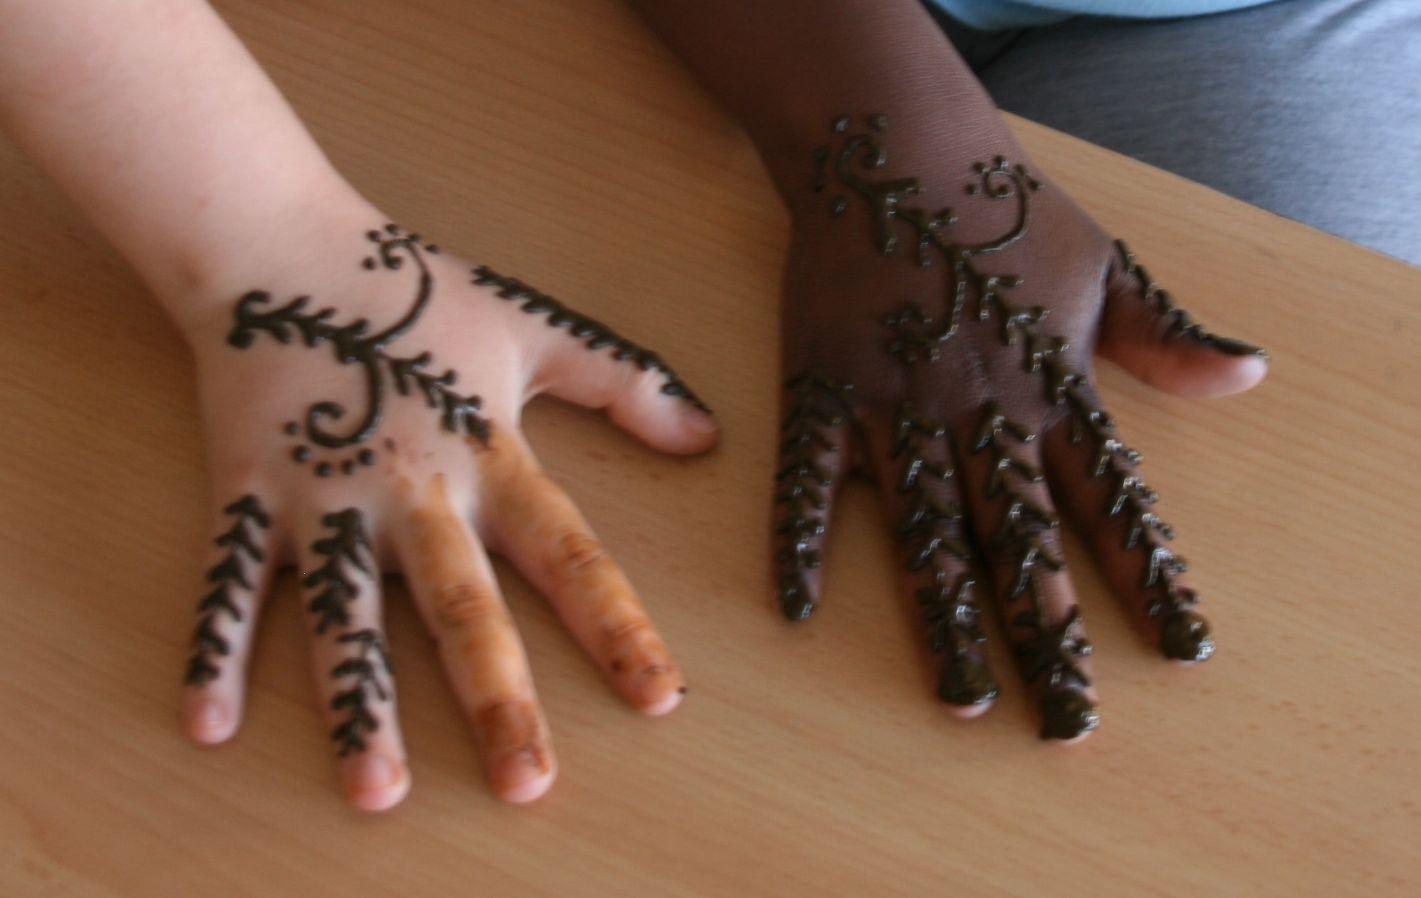 Cuenta cartas educaci n e interculturalidad artesan a y for Henna para manos